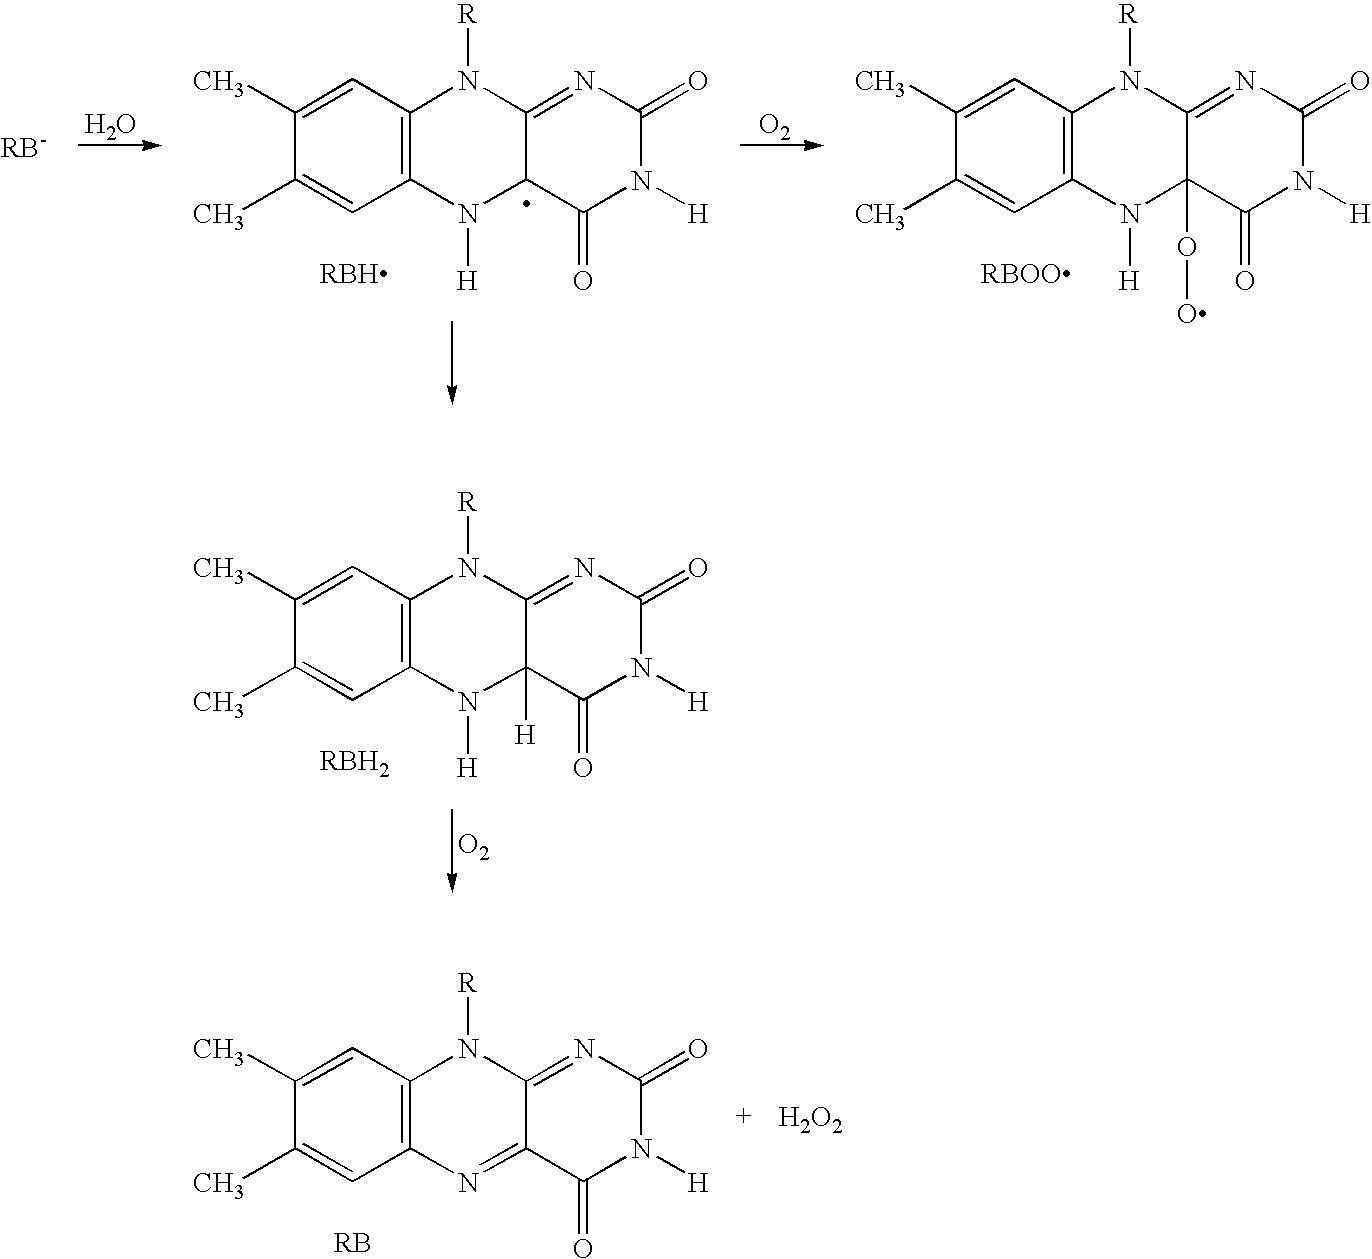 Figure US20050282143A1-20051222-C00006